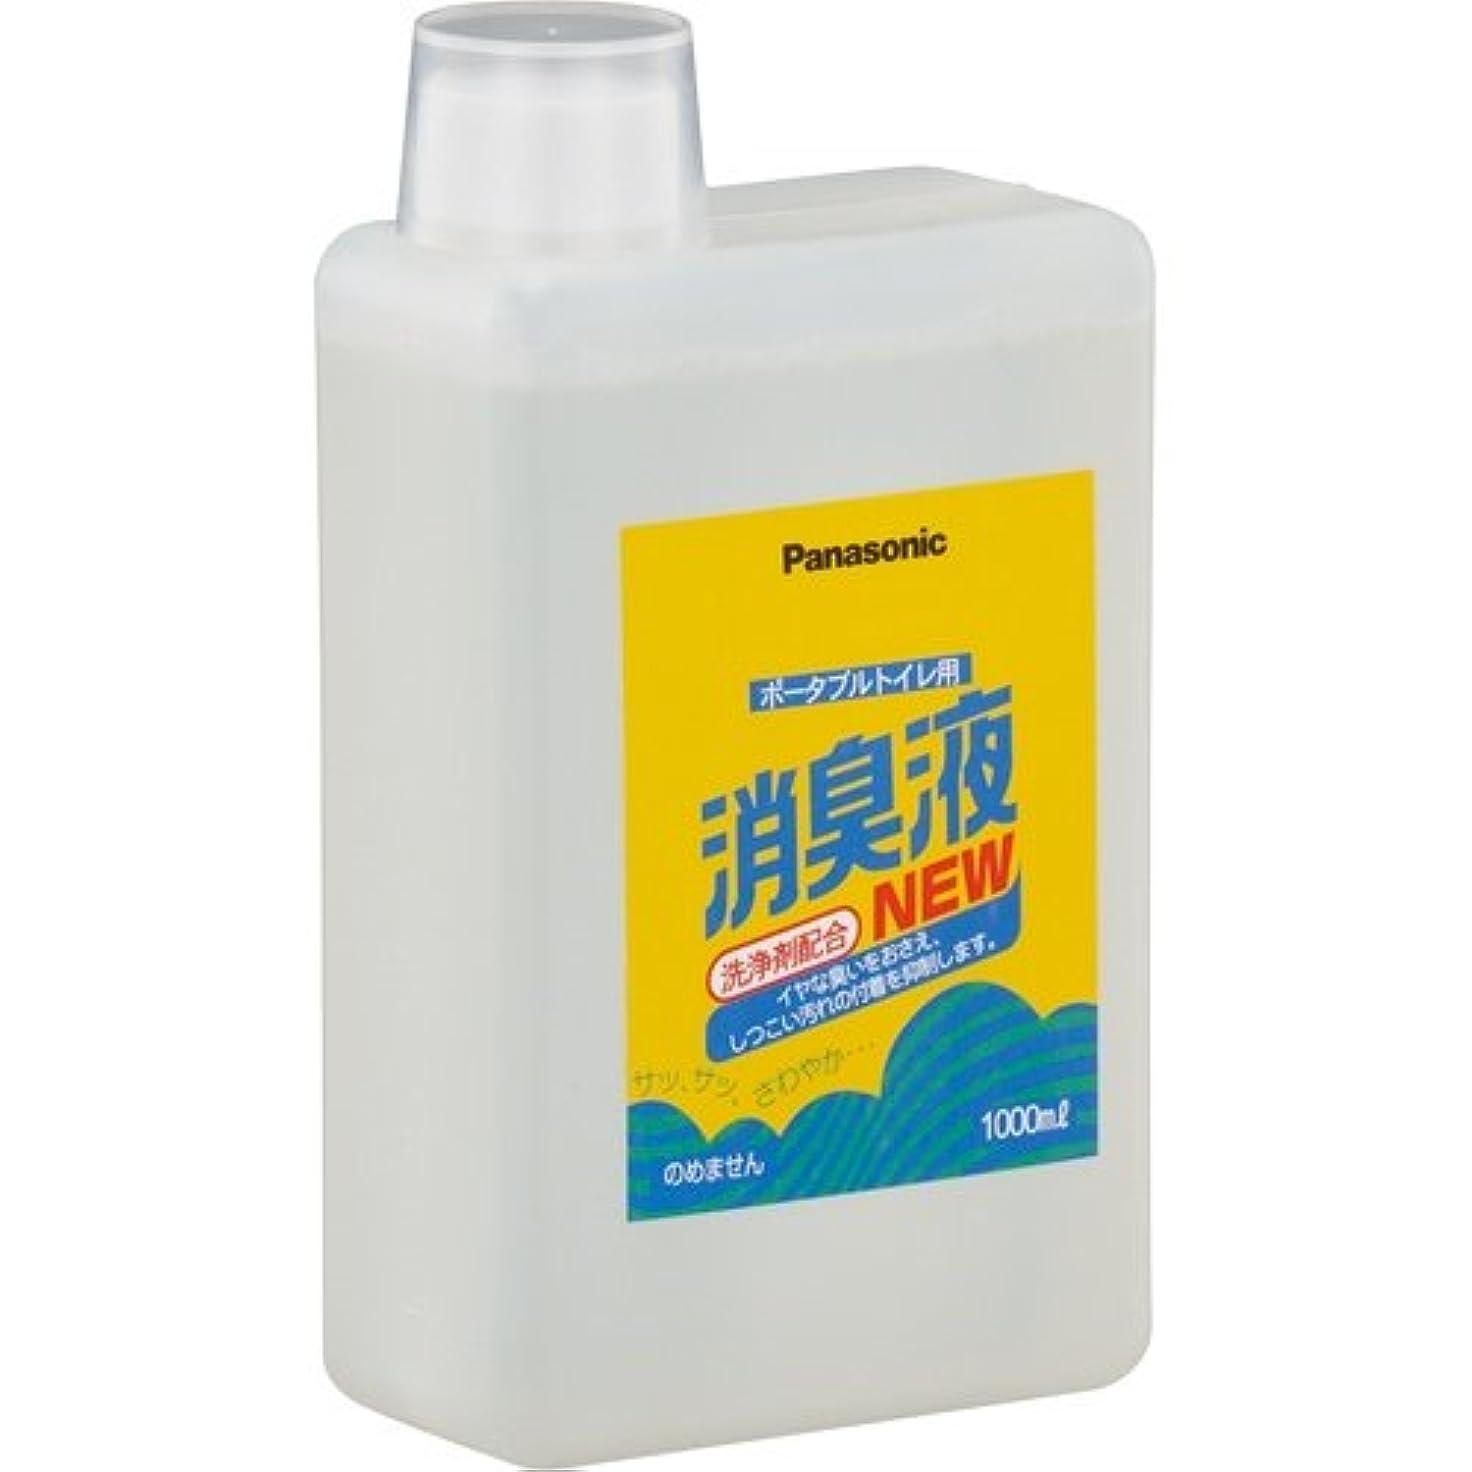 変形する手綱作物パナソニック エイジフリー ポータブルトイレ用消臭液 無色タイプ 1000ml/本 VALTBL1LM 1セット(6本)